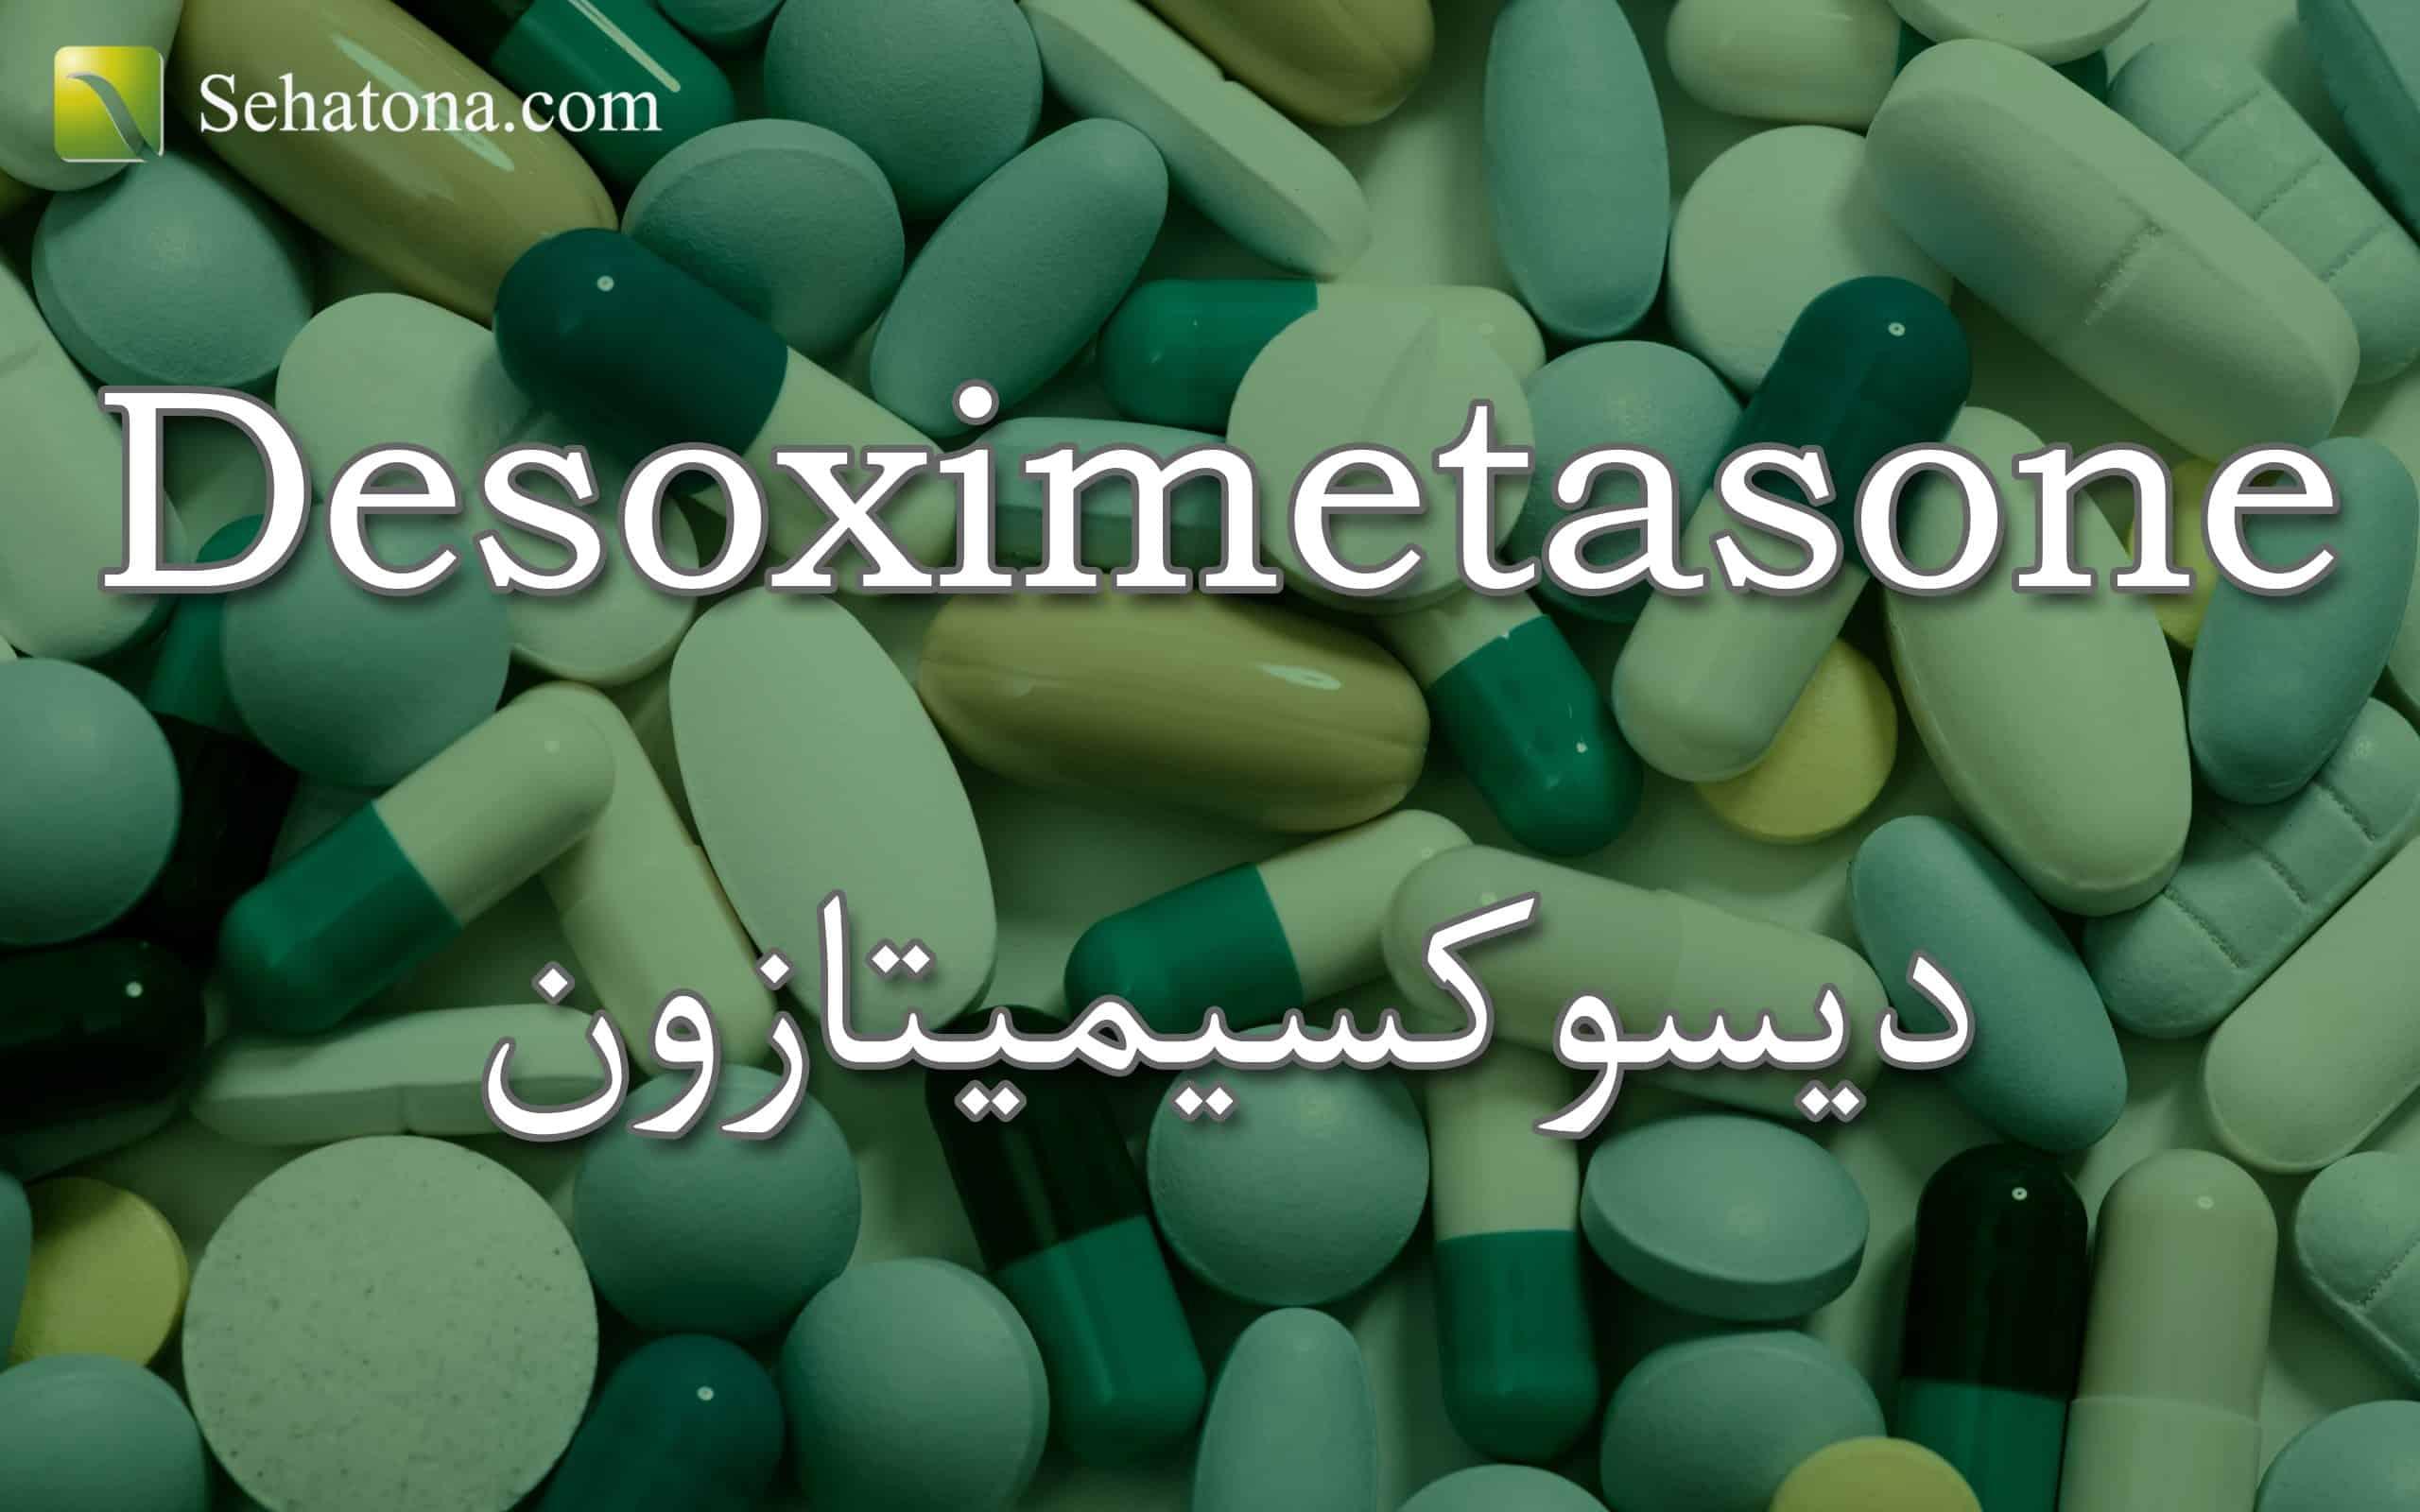 Desoximetasone